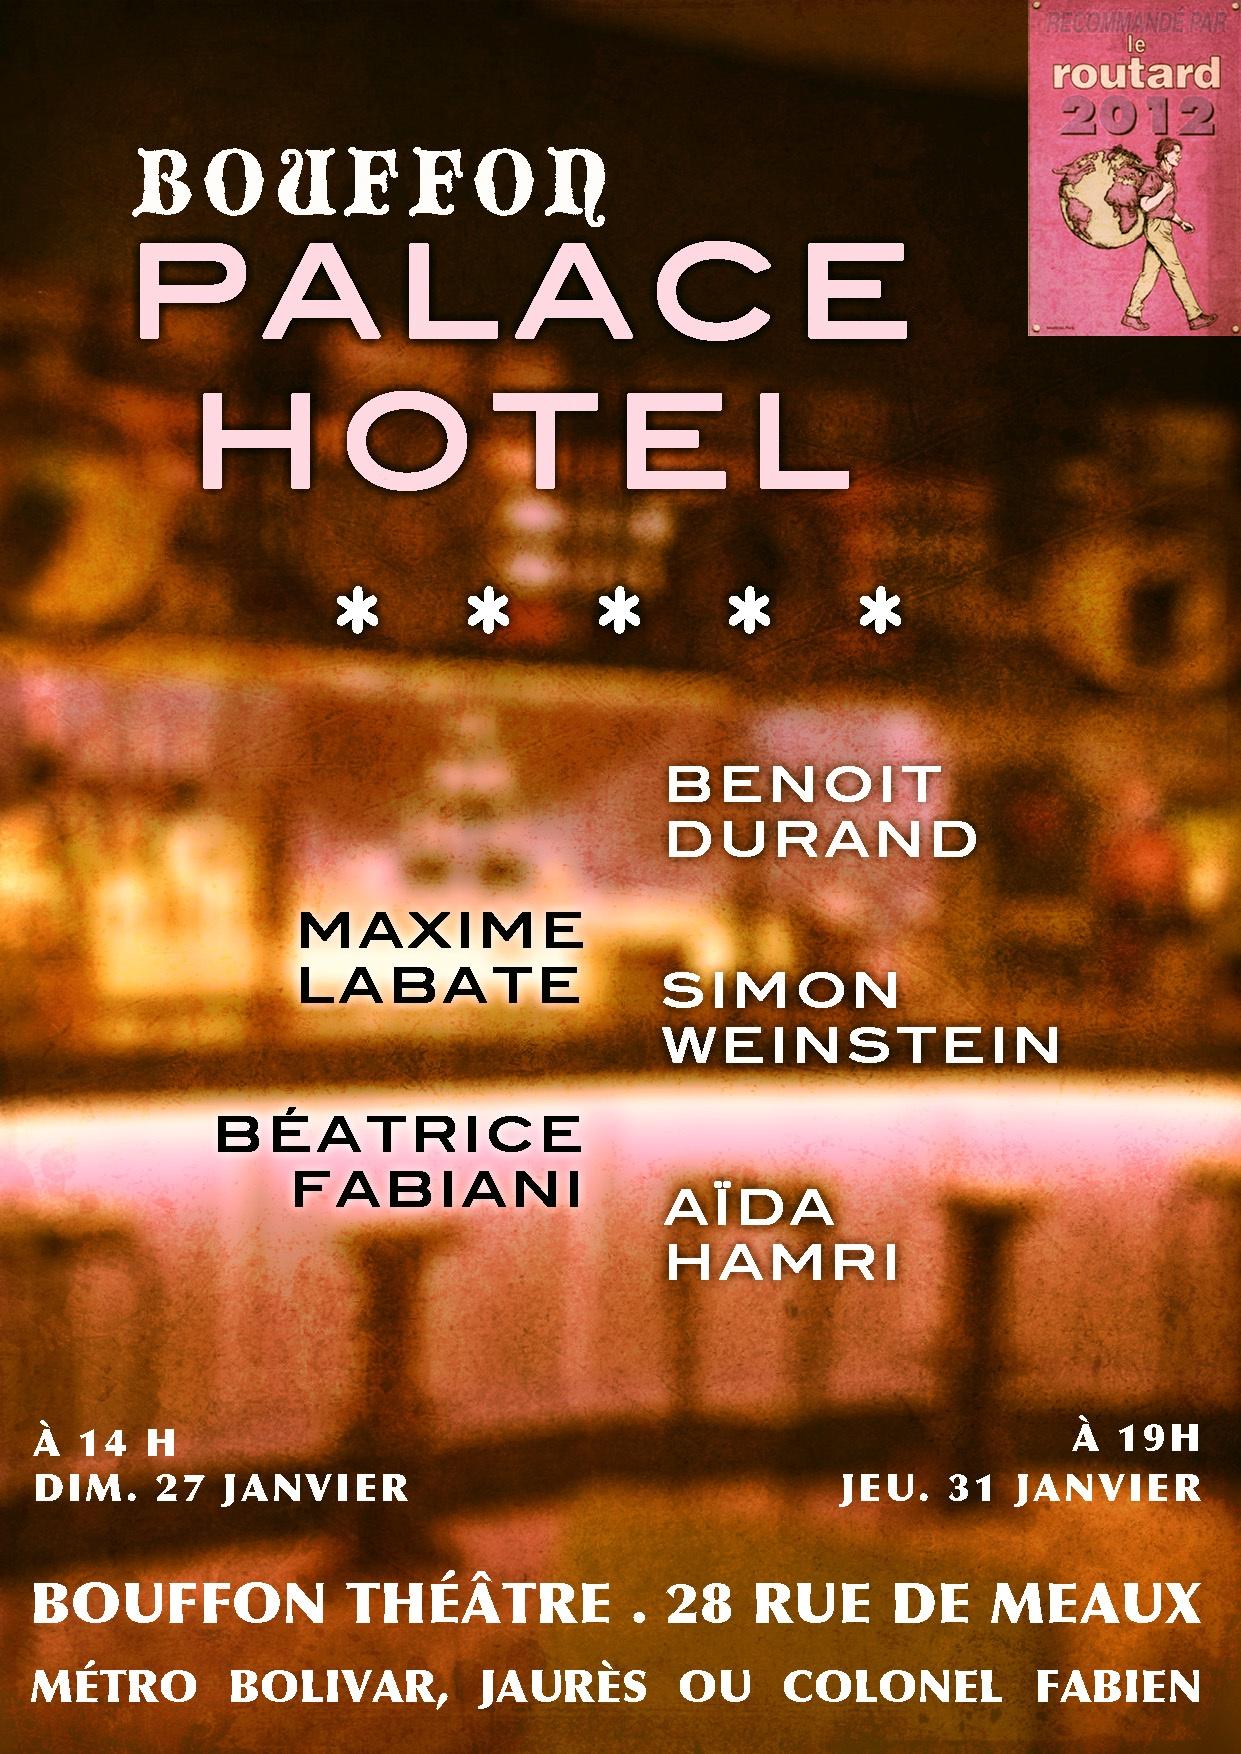 Palace Hôtel